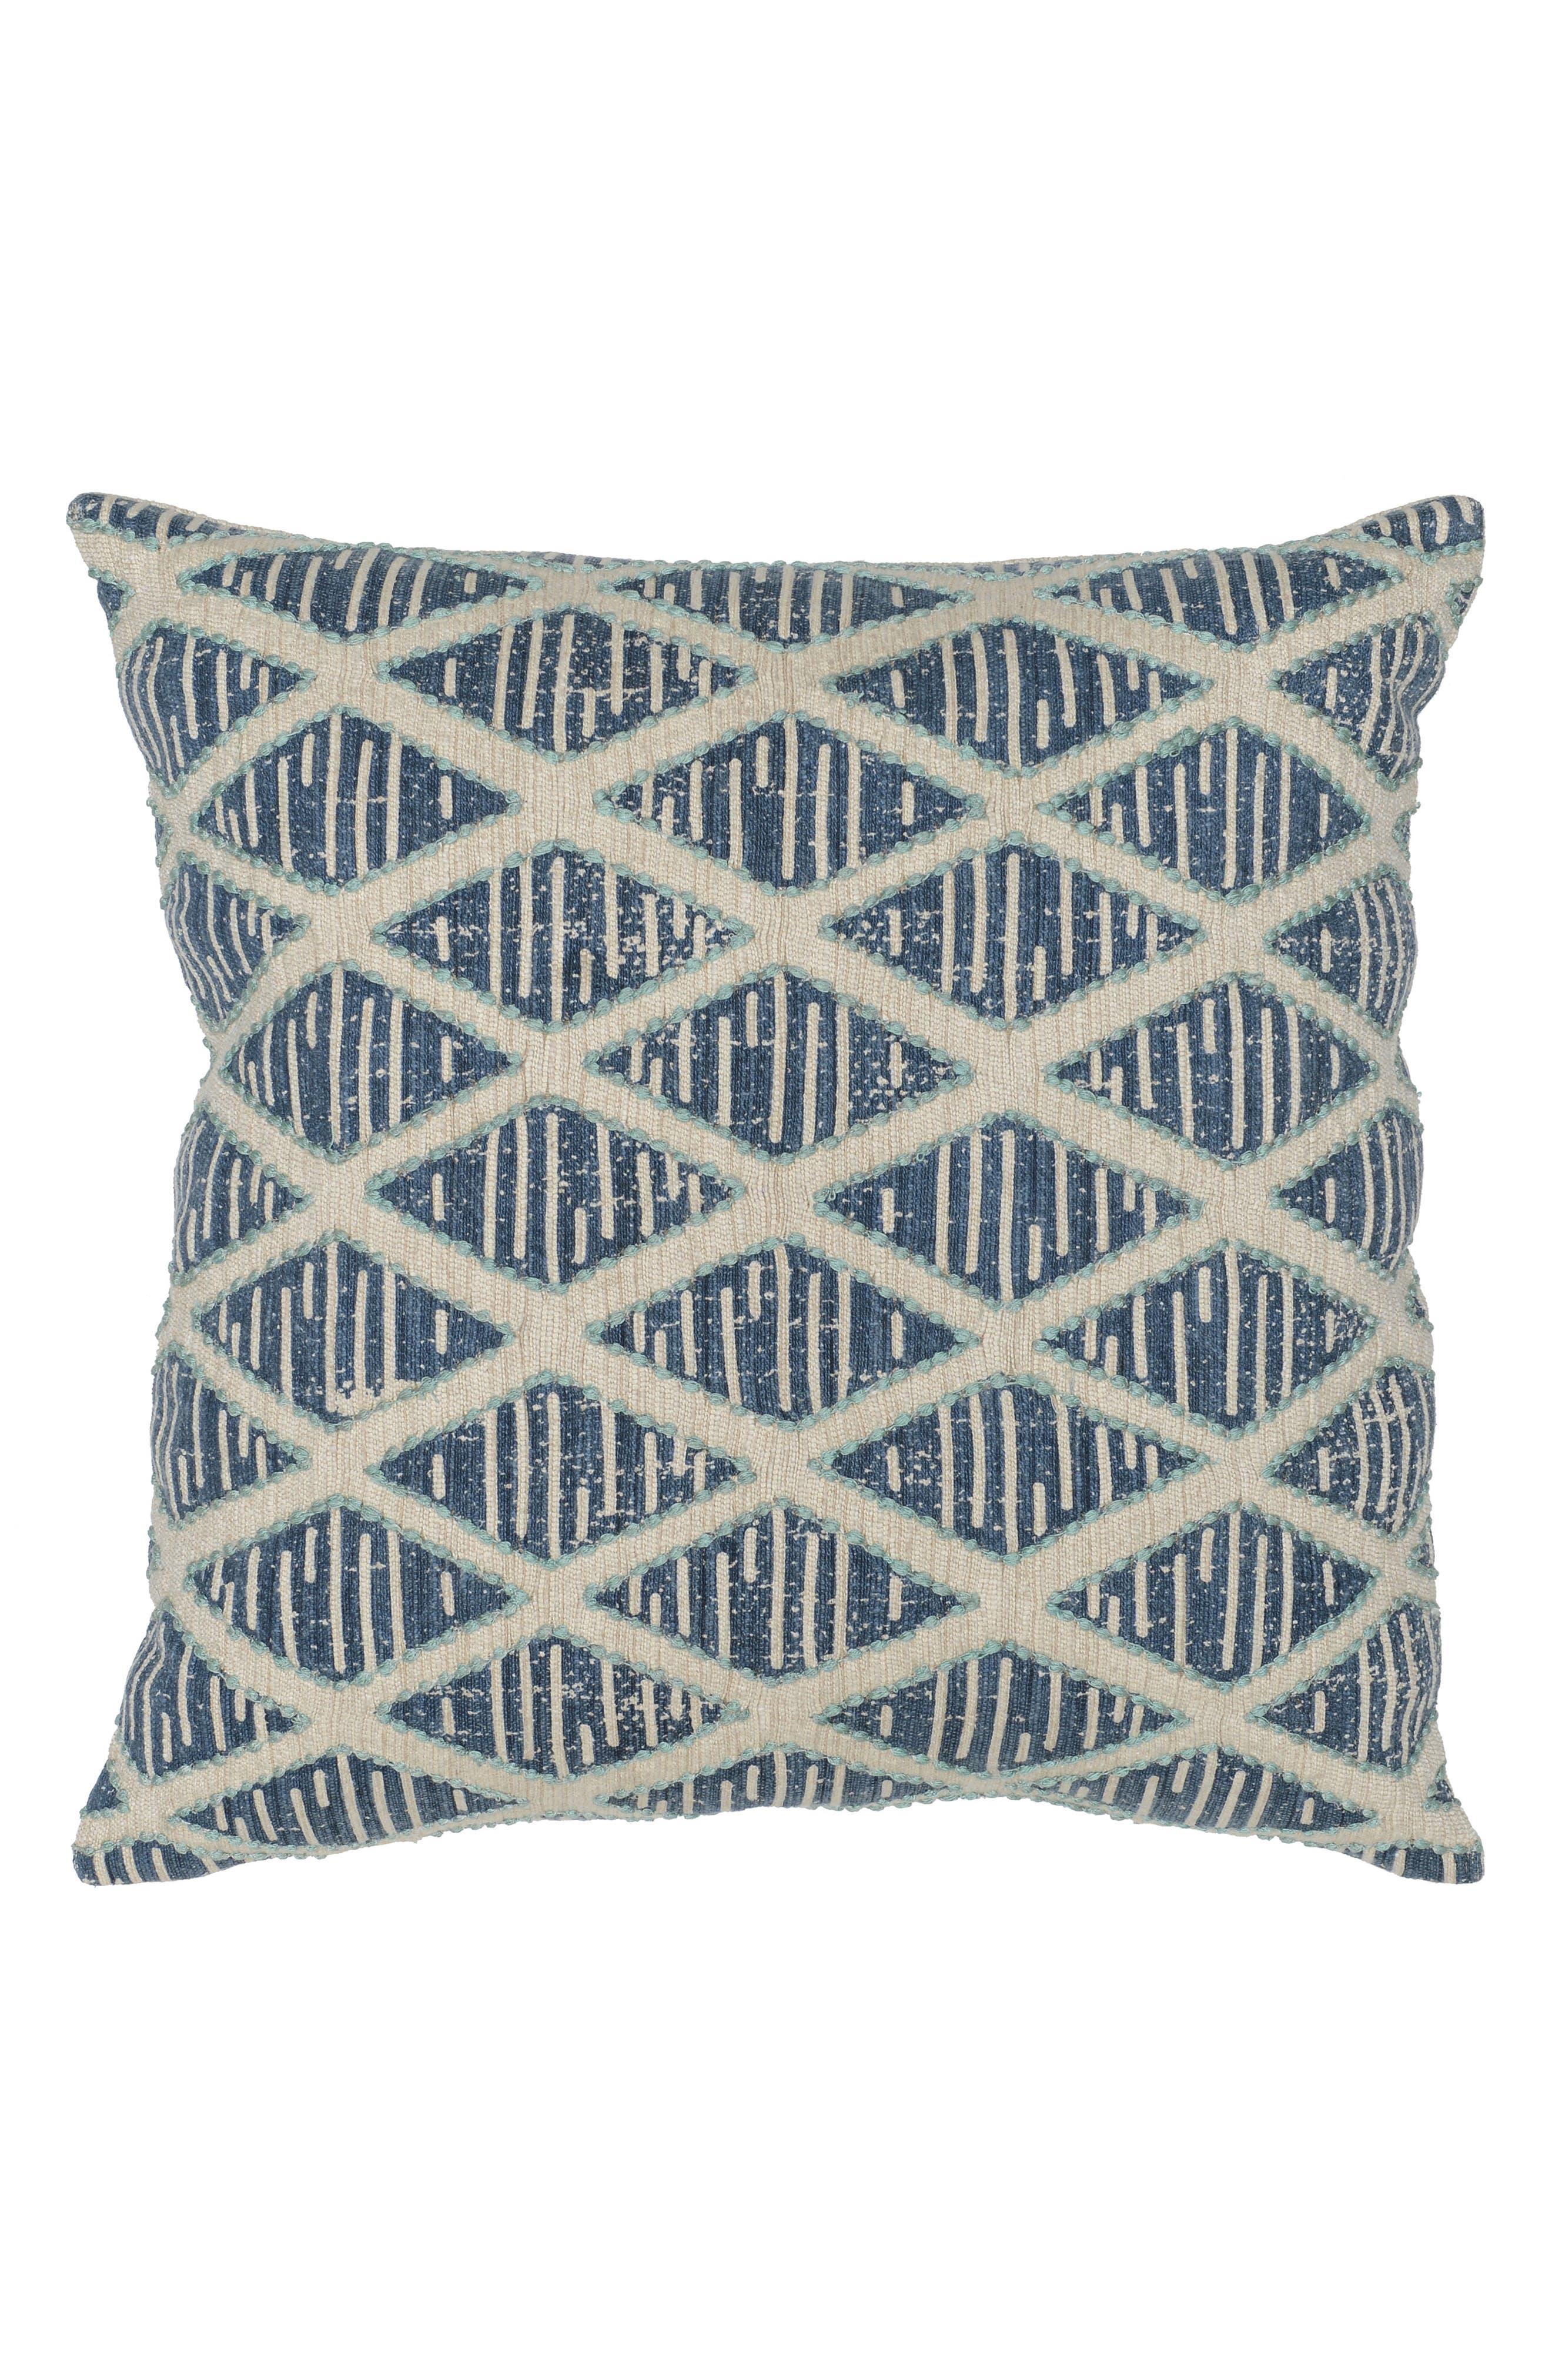 Villa Home Collection Atticus Pillow